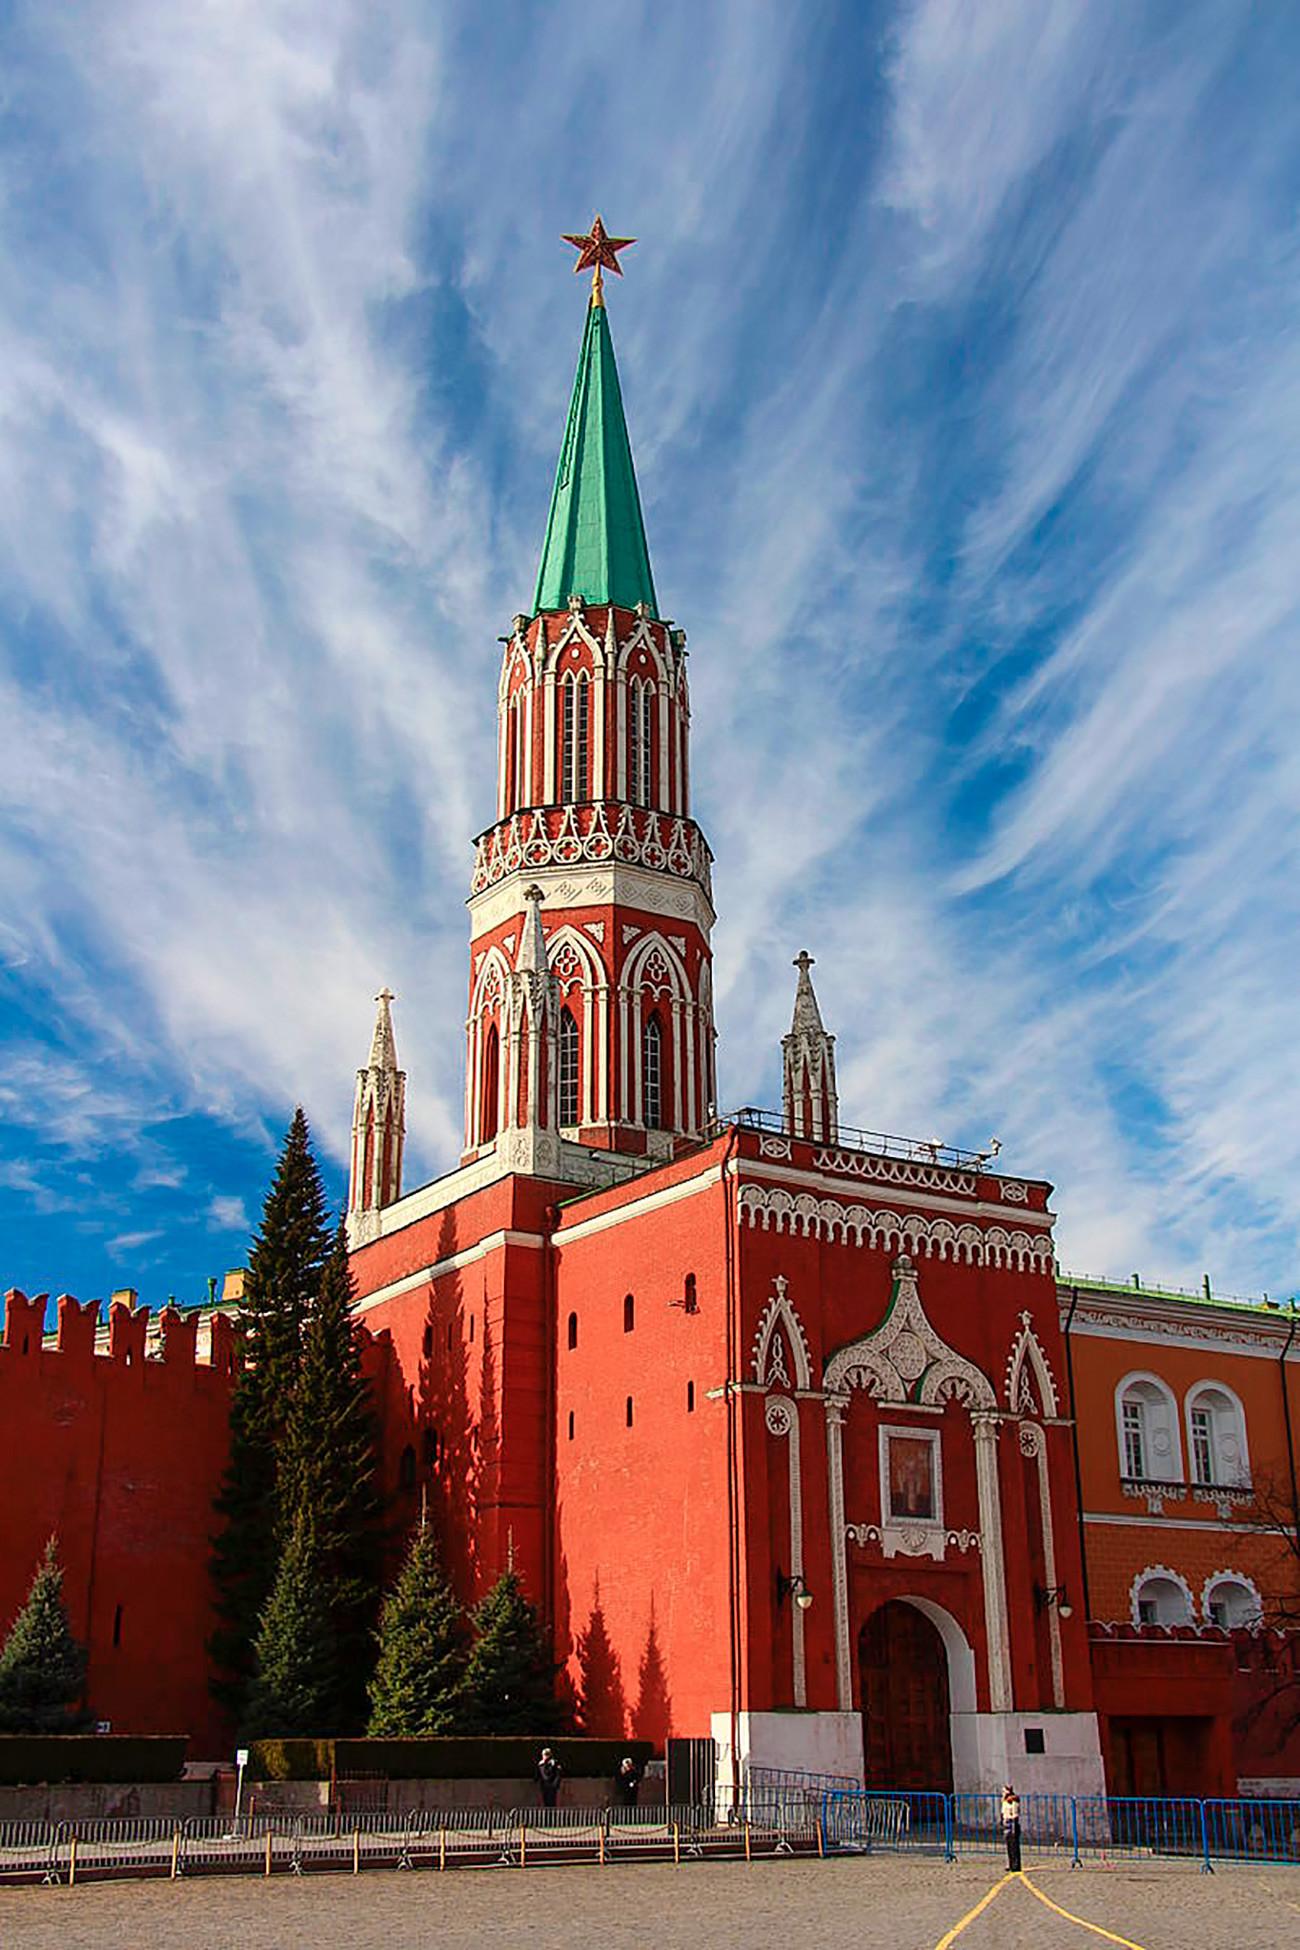 ニコリスカヤ塔